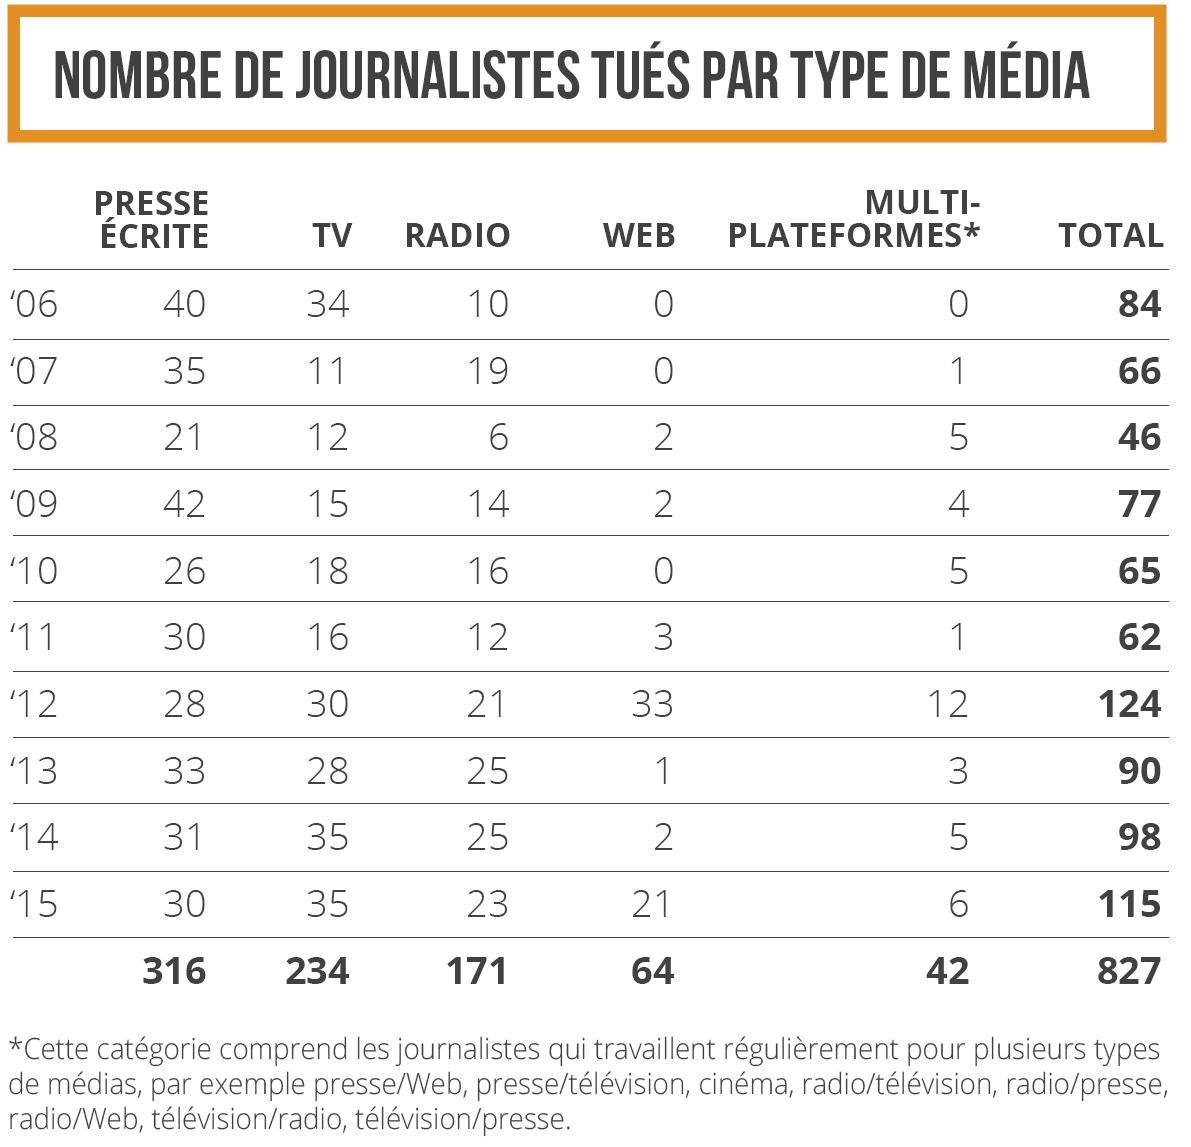 Nombre de journalistes tués par type de médias en 2006-2015